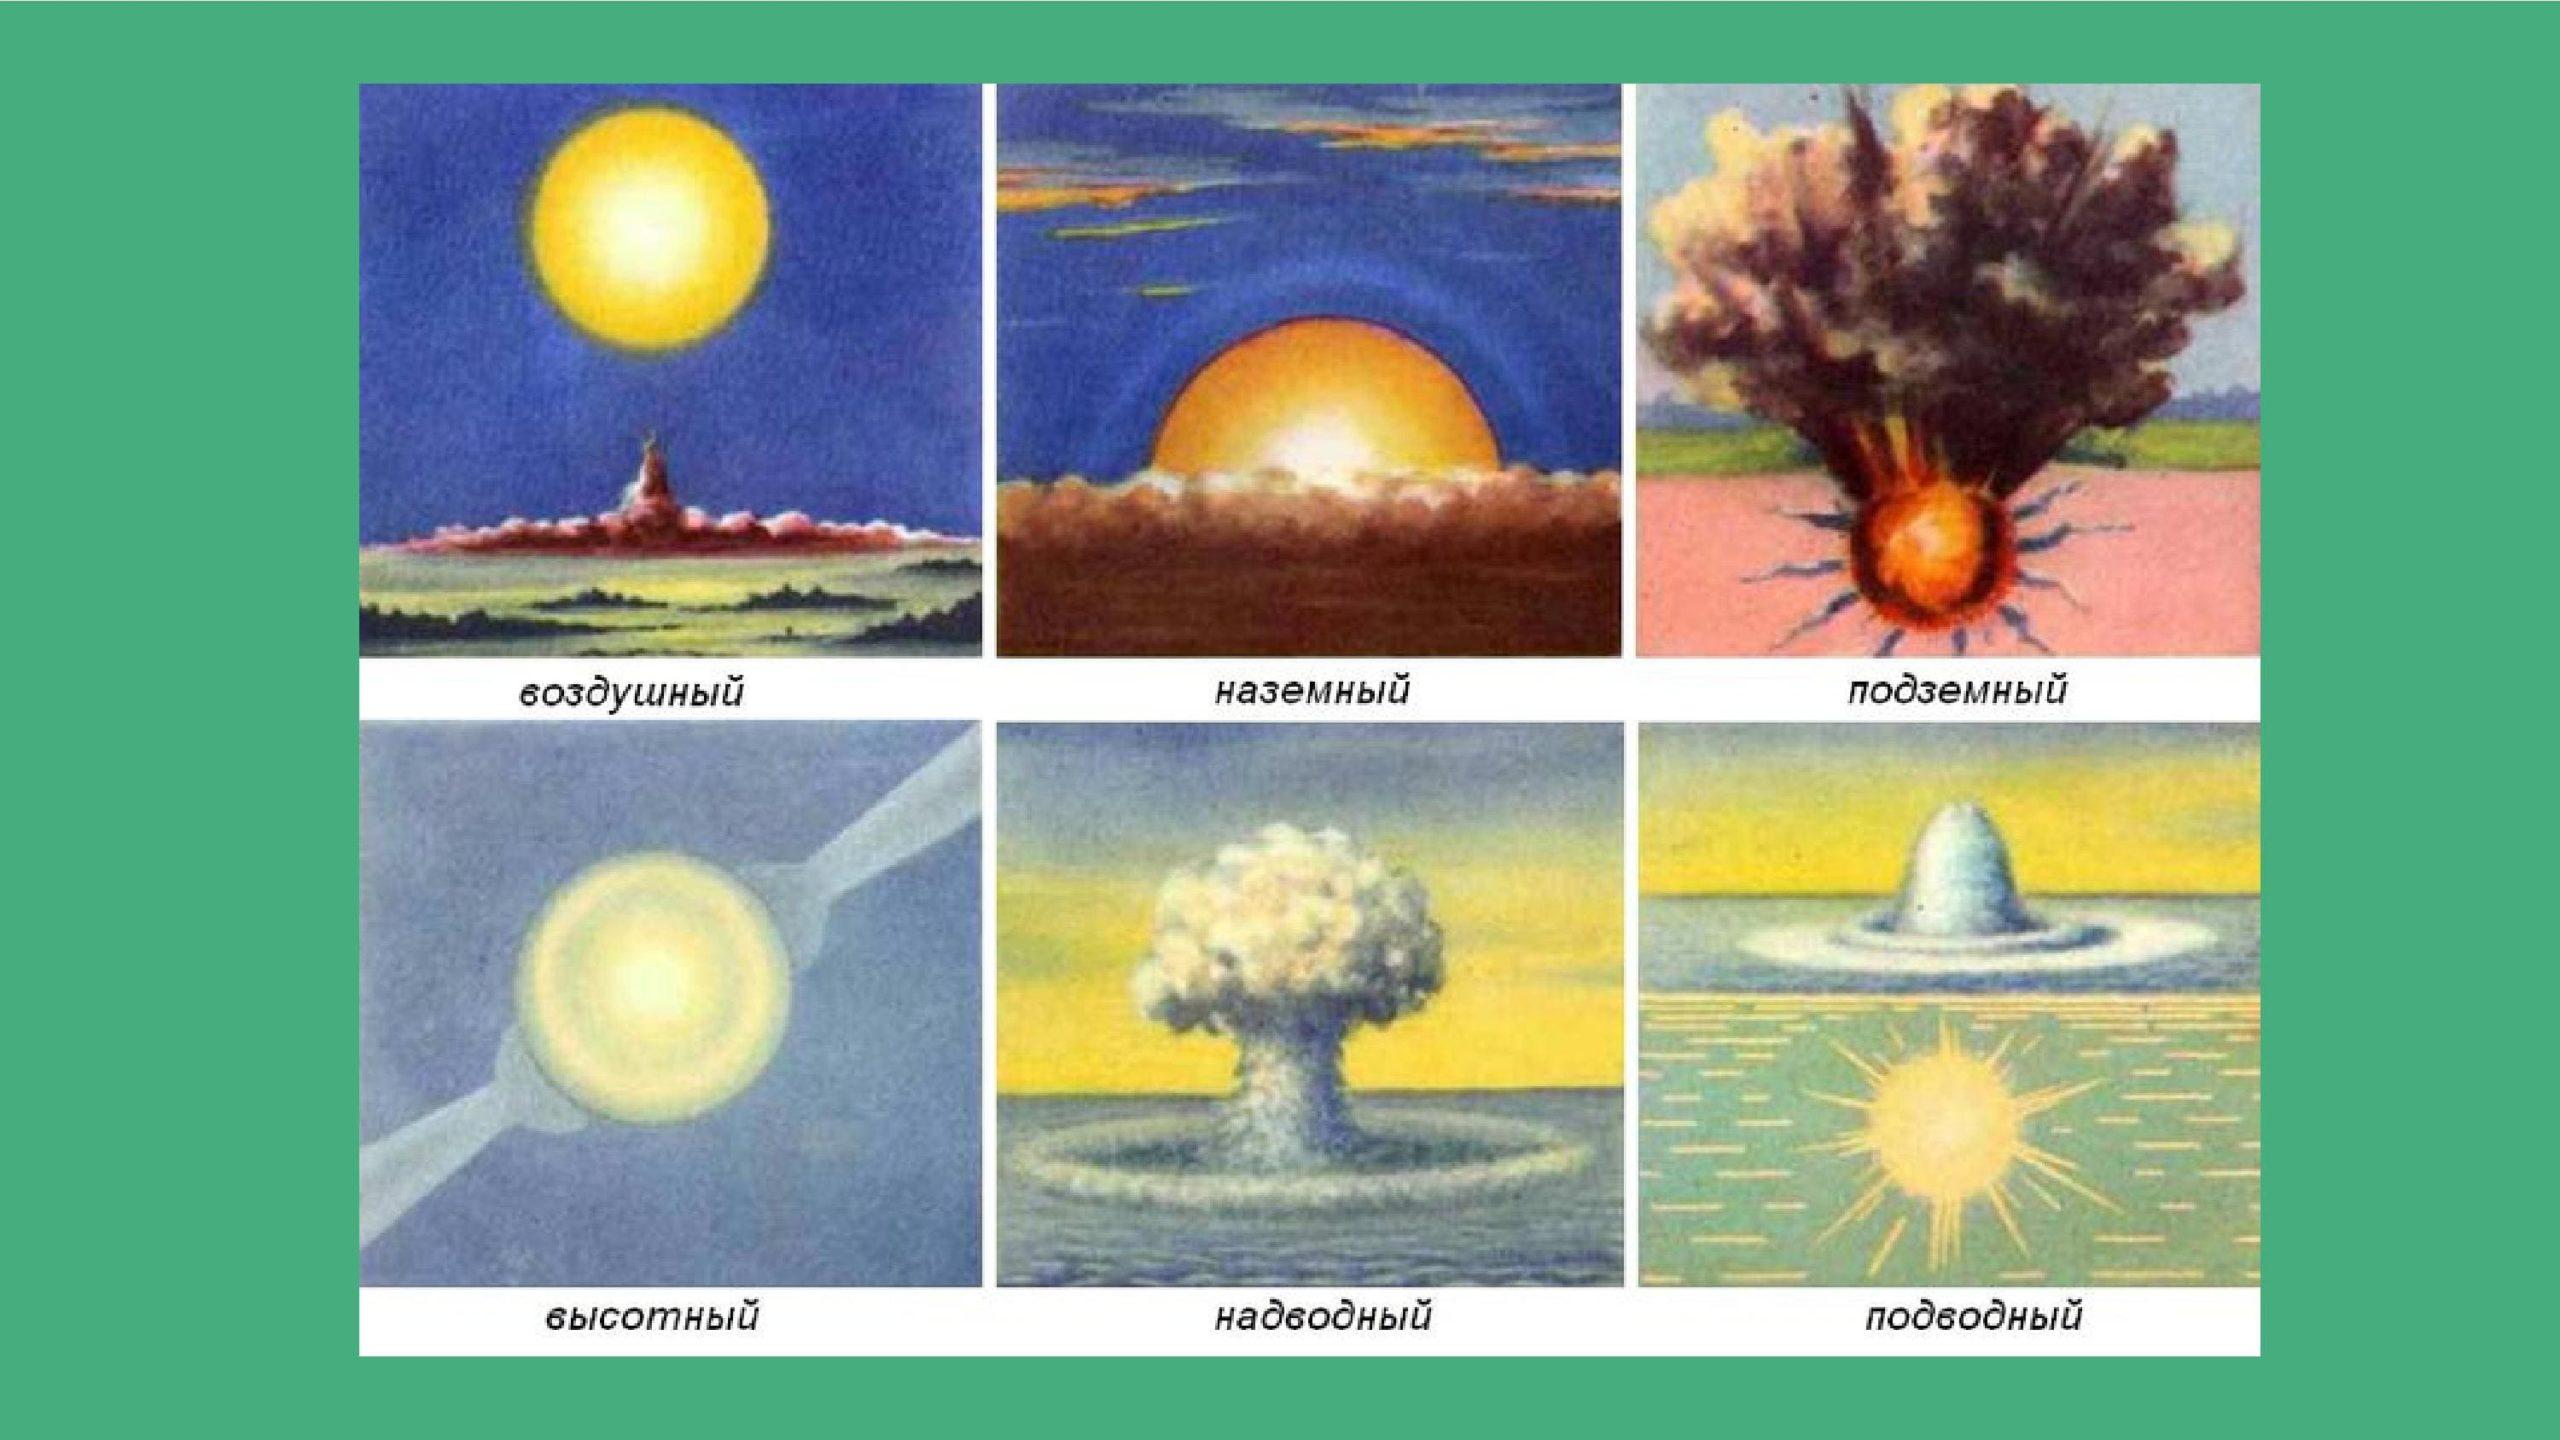 Воздушный, наземный, подземный, высотный, надводный, подводный взрывы